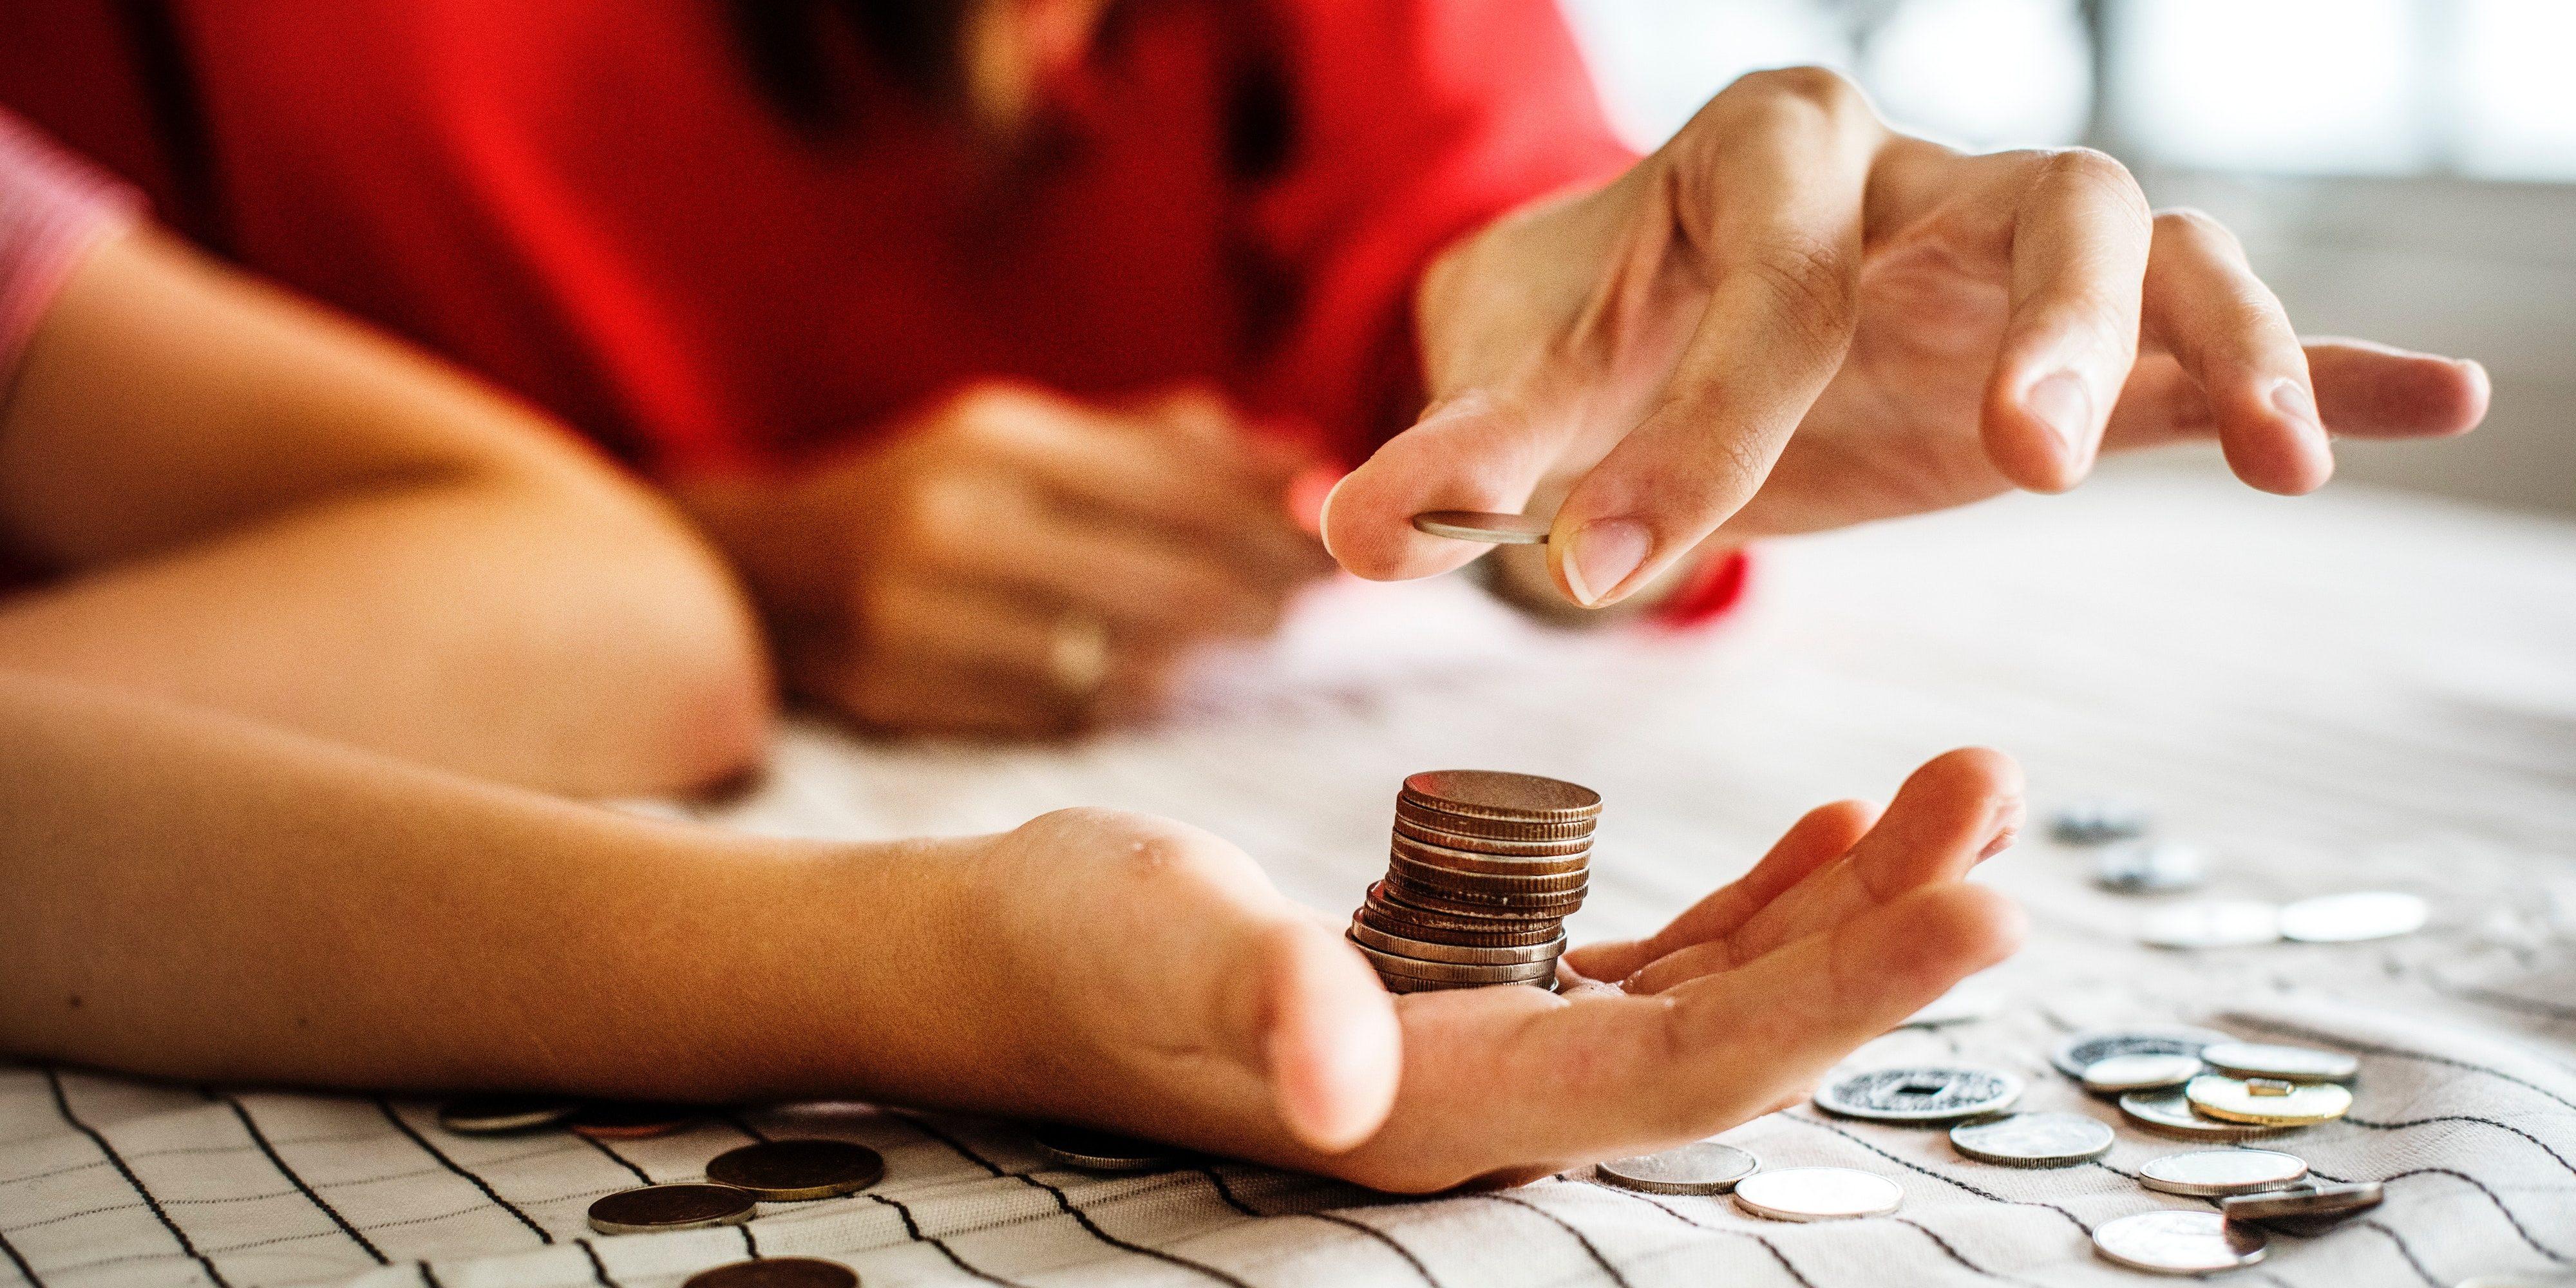 How do platform companies make their money? |HIIG Blog